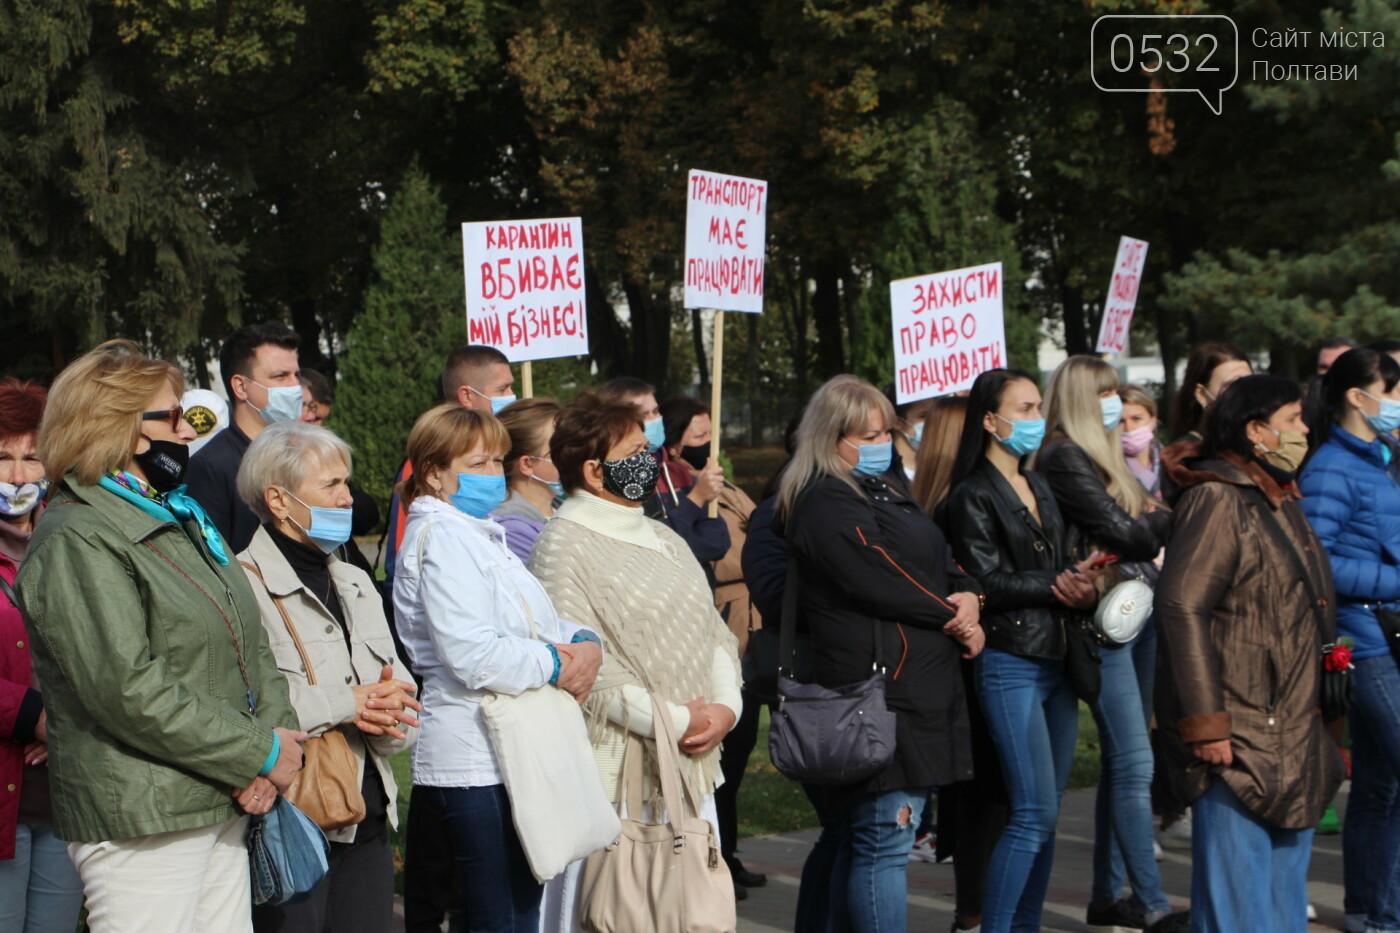 """Полтава вийшла проти """"червоної"""" зони: скільки людей і чого вимагають (ФОТОРЕПОРТАЖ), фото-8"""